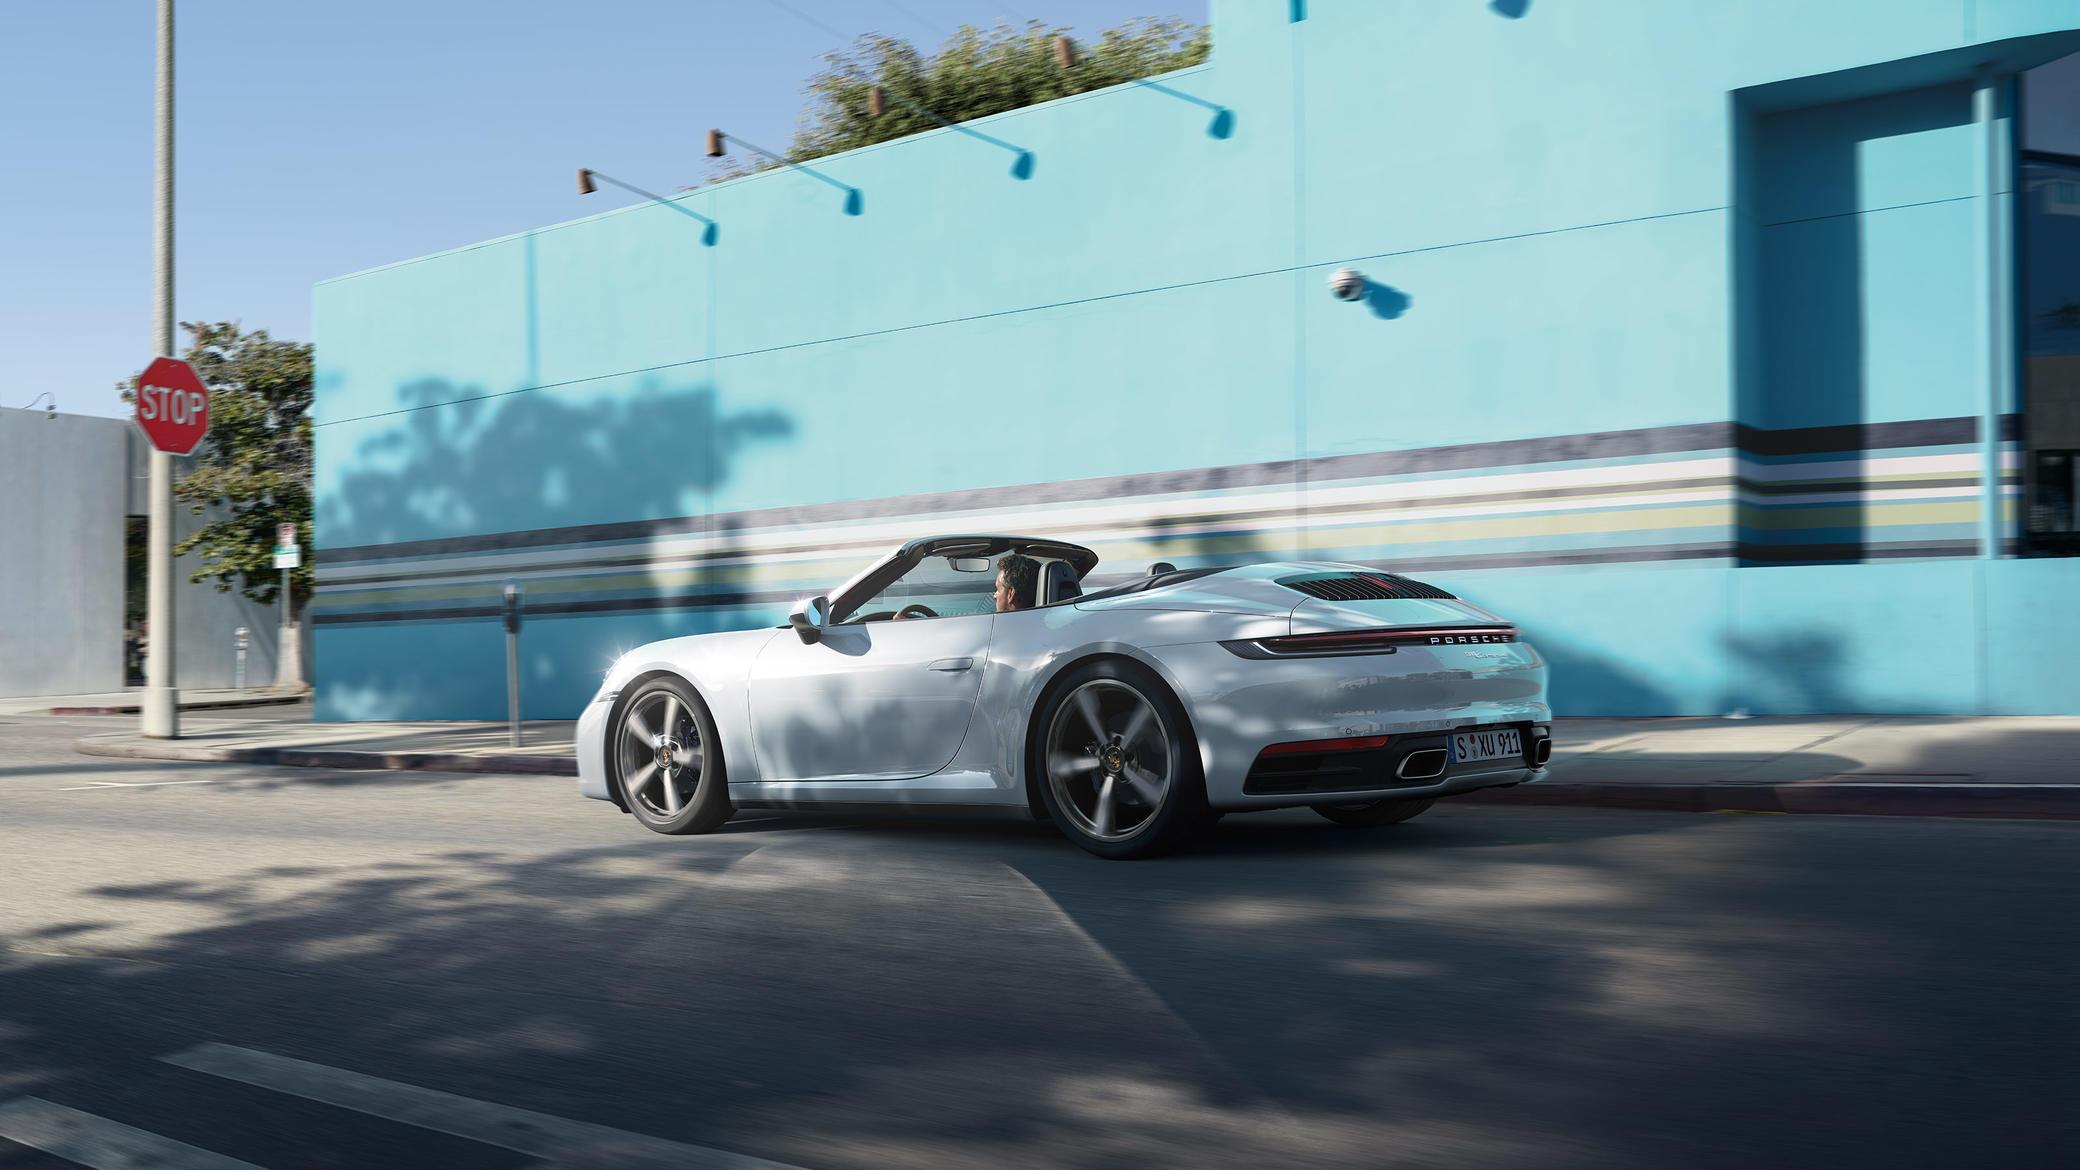 Porsche - 911 Carrera 4 Cabriolet - Ajatu masin.